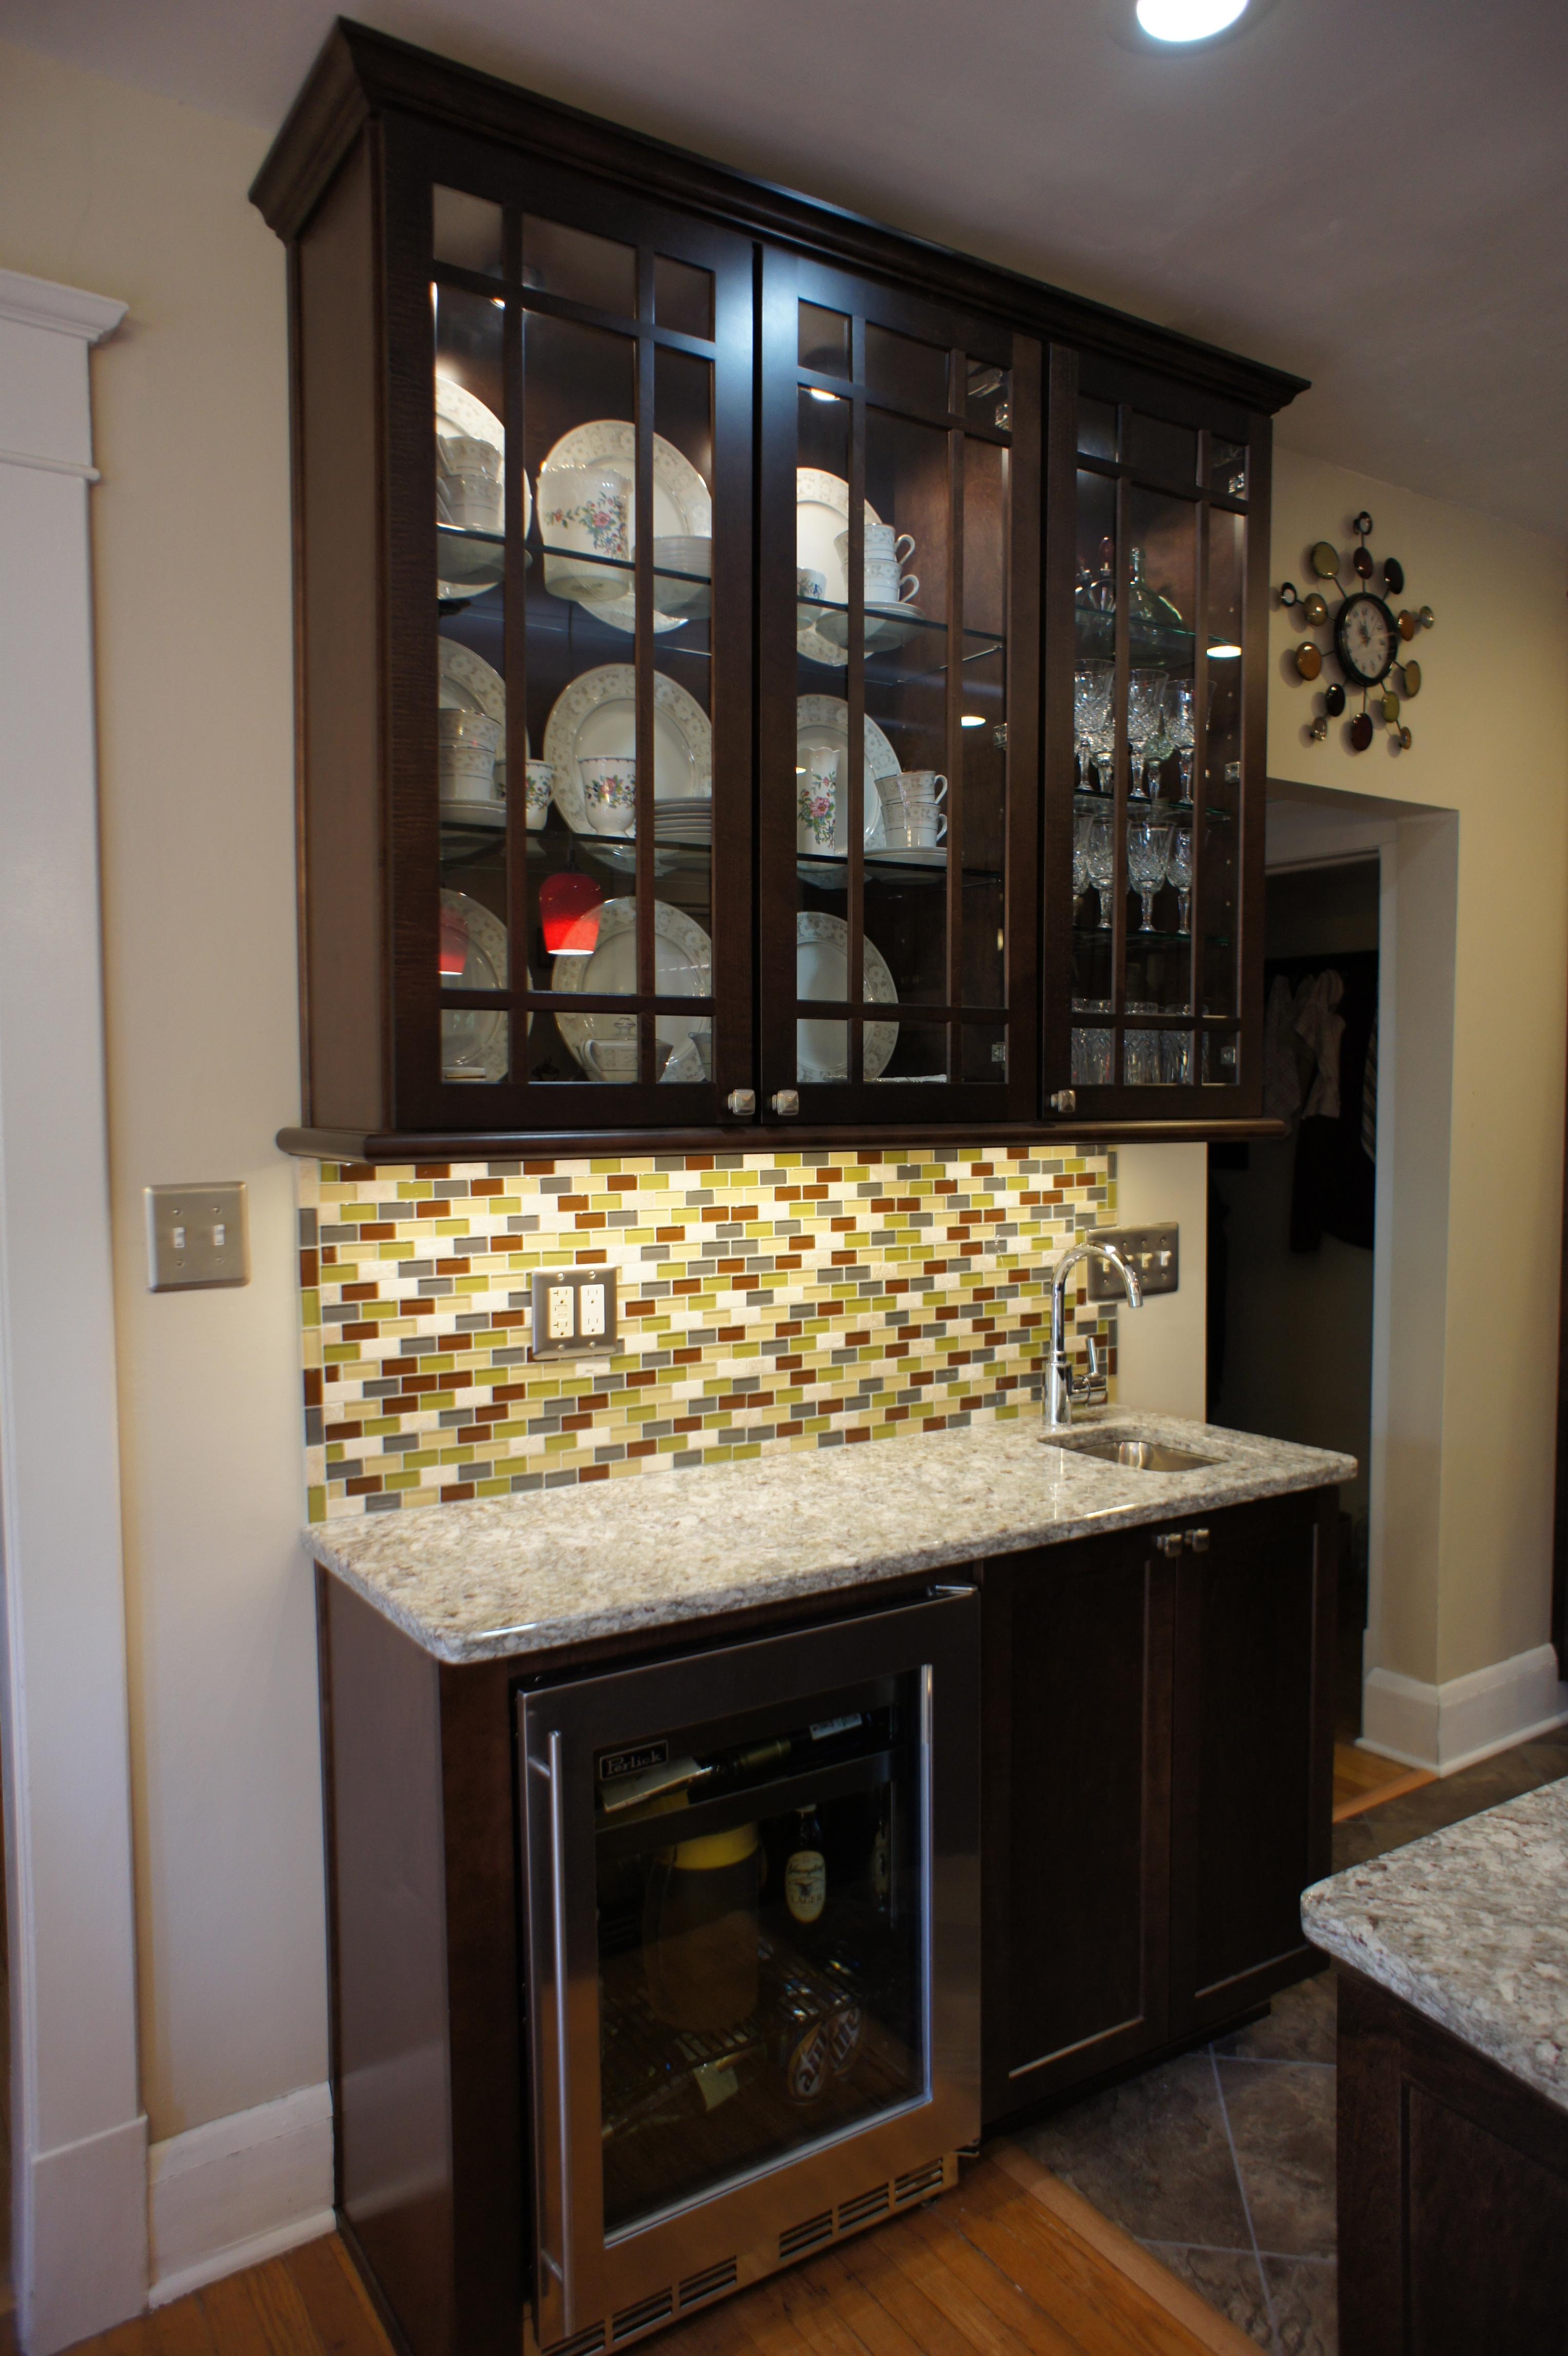 Photos (12) Ou0027Hanlon Kitchens, Inc. Project Kitchen Remodeling Ideas.